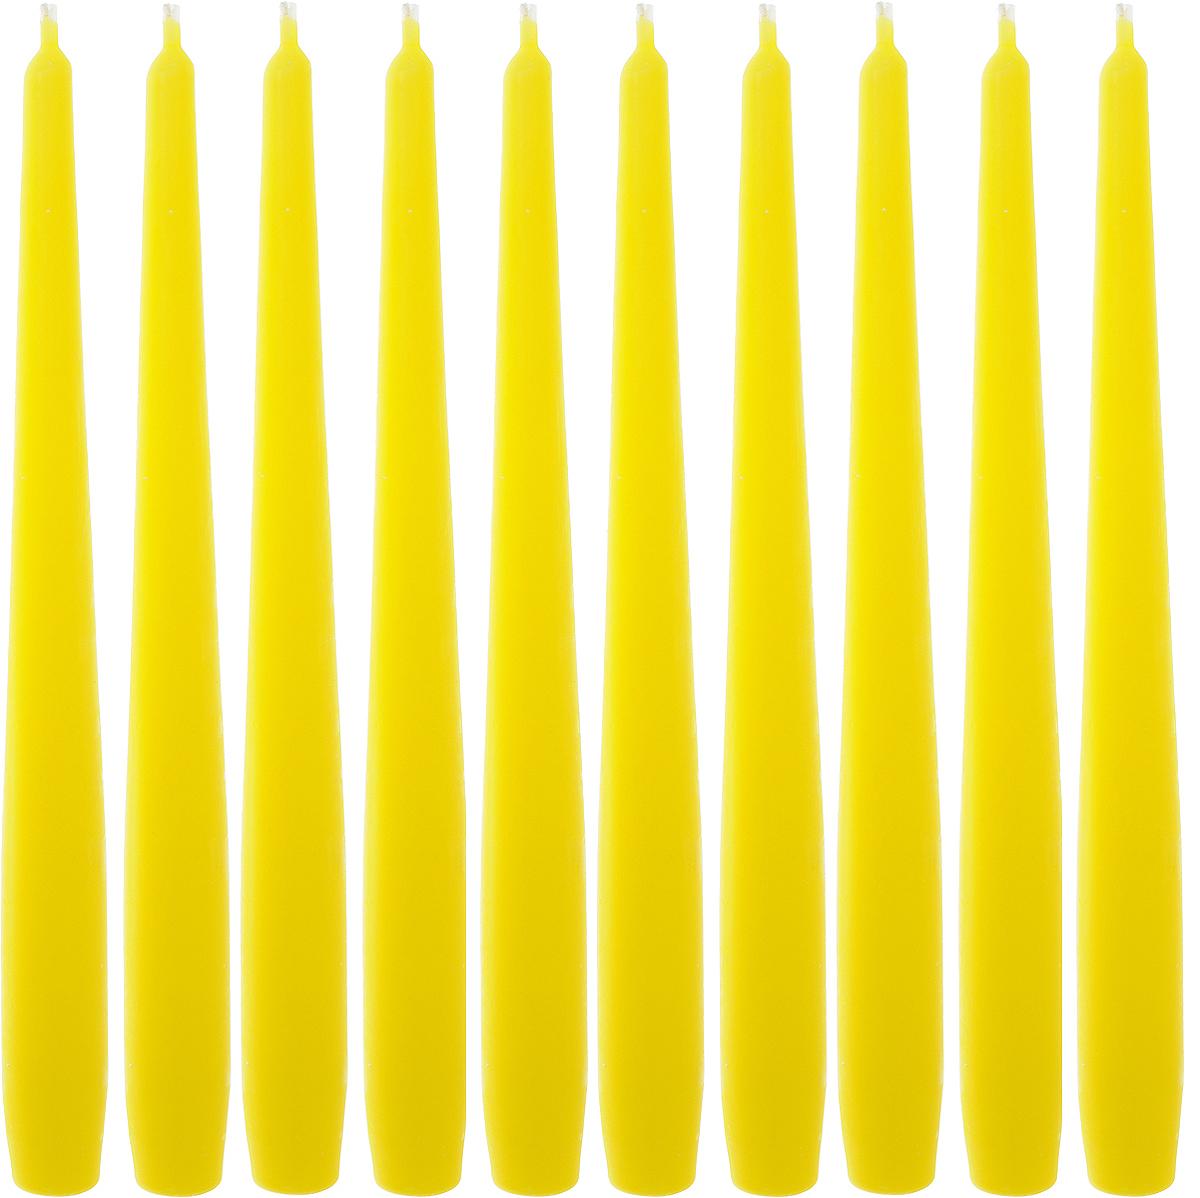 Набор свечей Омский cвечной завод, цвет: желтый, высота 24 см, 10 шт331116,001904Набор Омский cвечной завод состоит из 10 свечей, изготовленных из парафина и хлопчатобумажной нити. Такие свечи создадут атмосферу таинственности и загадочности и наполнят ваш дом волшебством и ощущением праздника. Хороший сувенир для друзей и близких.Примерное время горения: 7 часов. Высота: 24 см. Диаметр: 2 см.